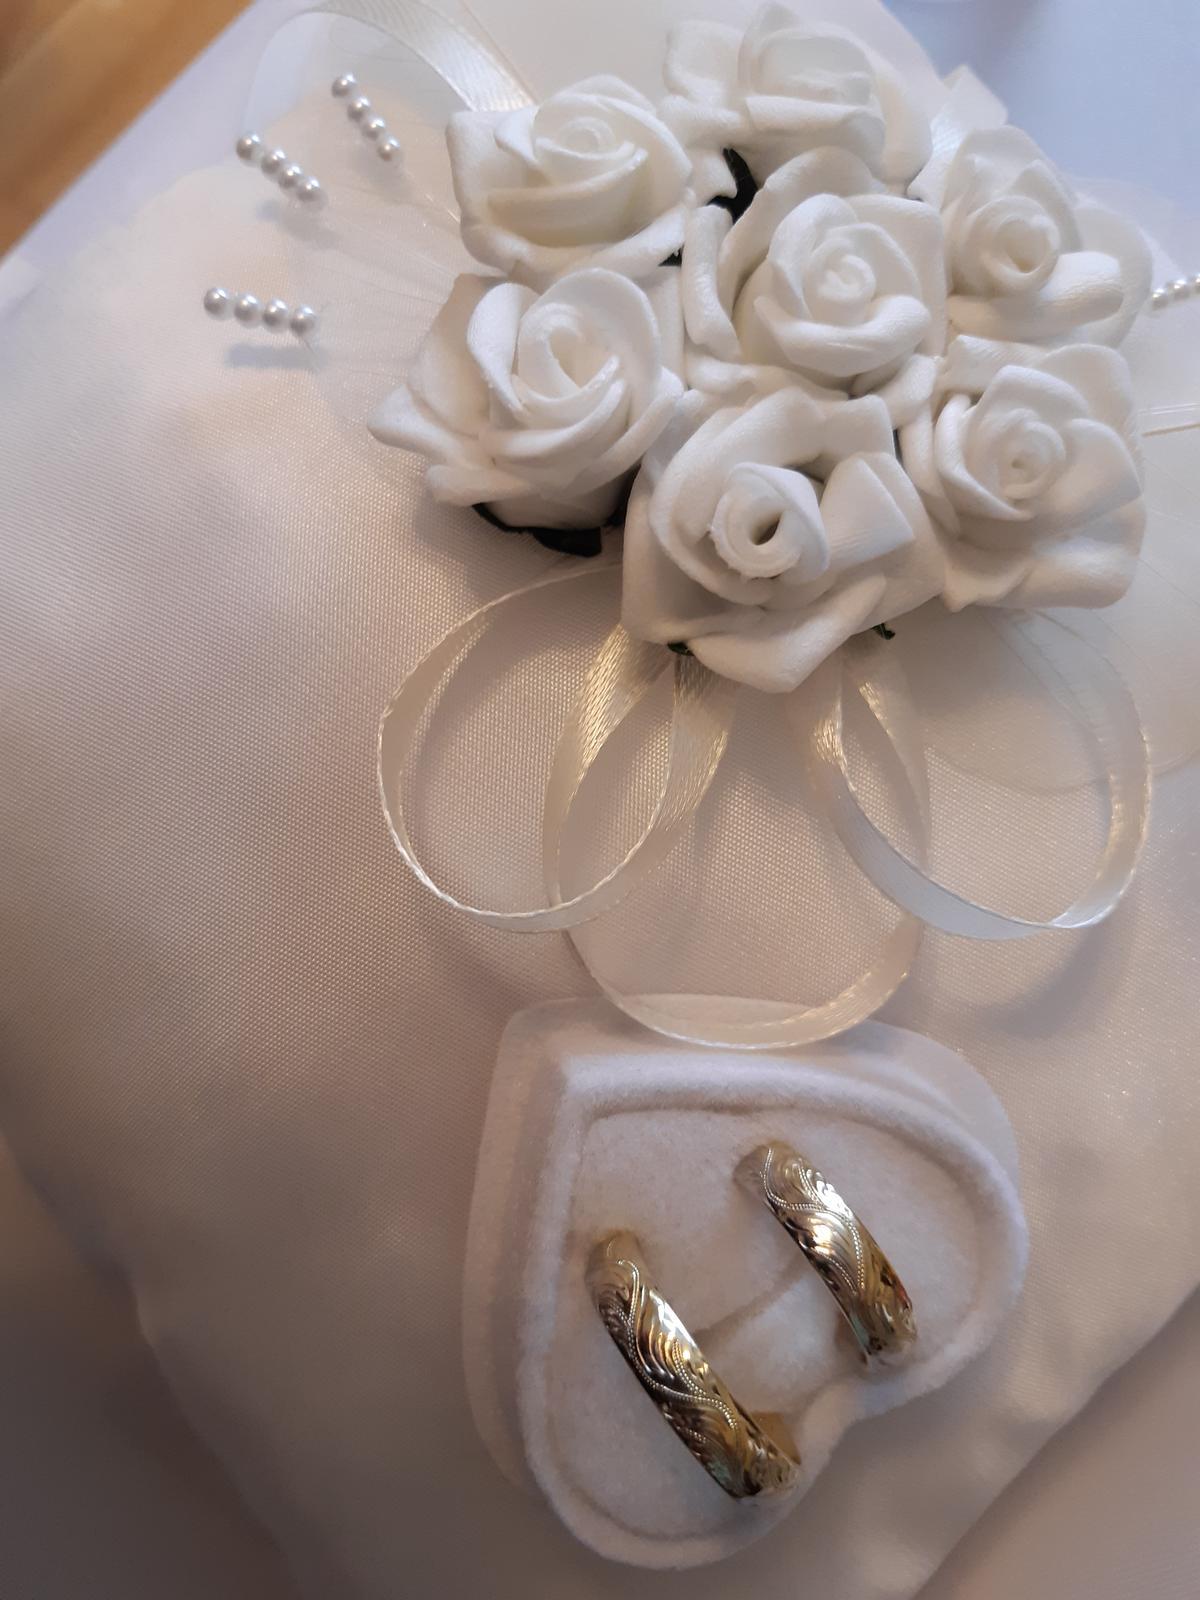 Svadobná dekorácia-stuhy,organzy,dekoracie,doplnky - Obrázok č. 1